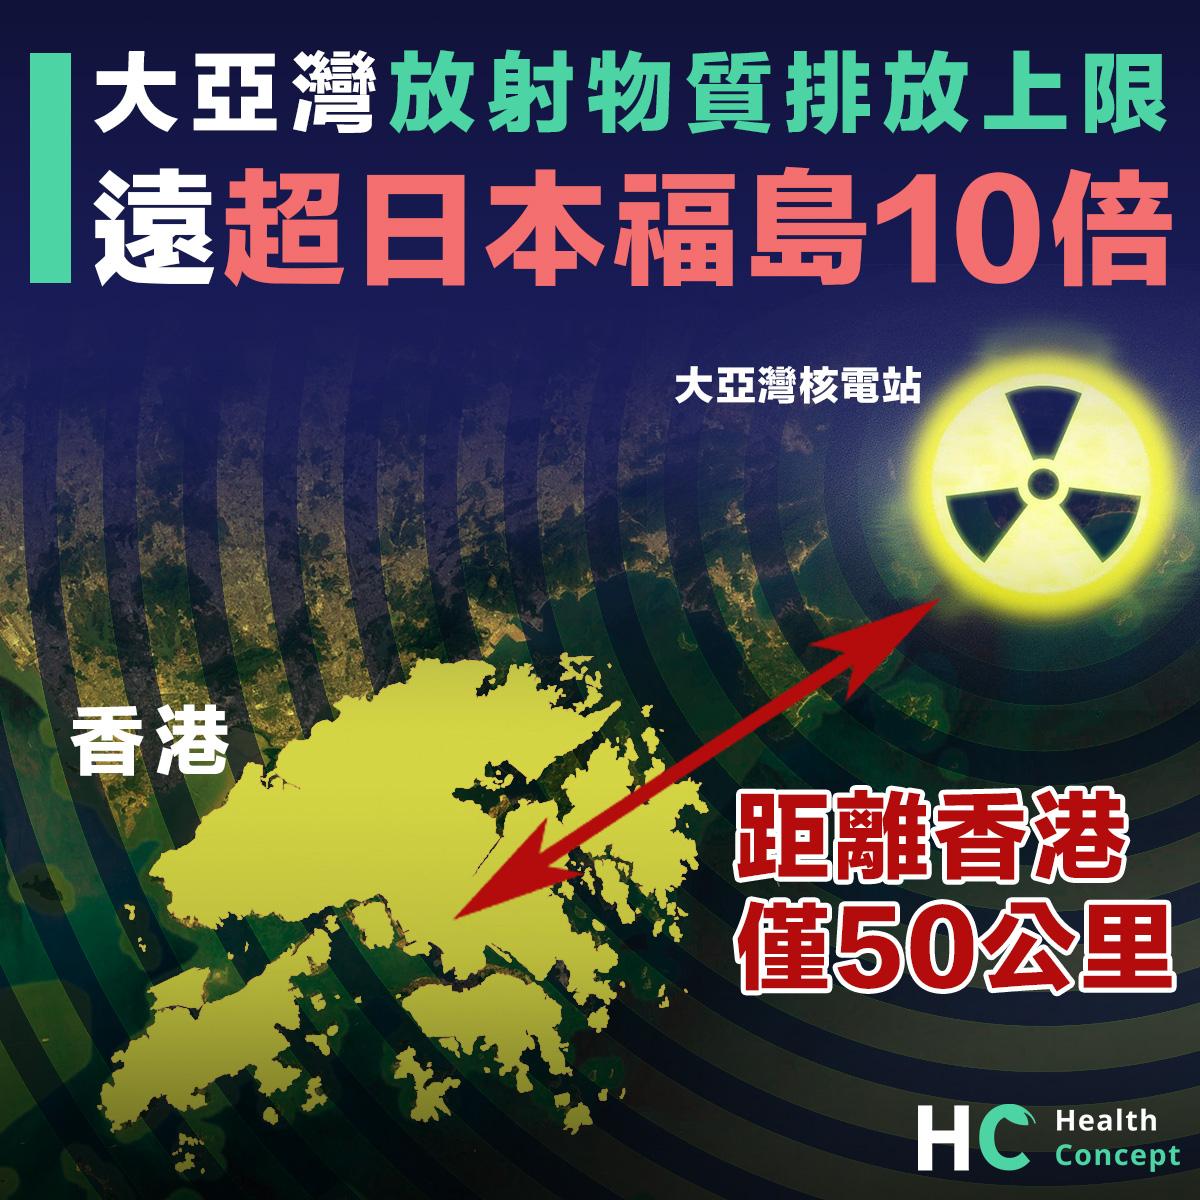 大亞灣放射物質排放上限 遠超日本福島10倍